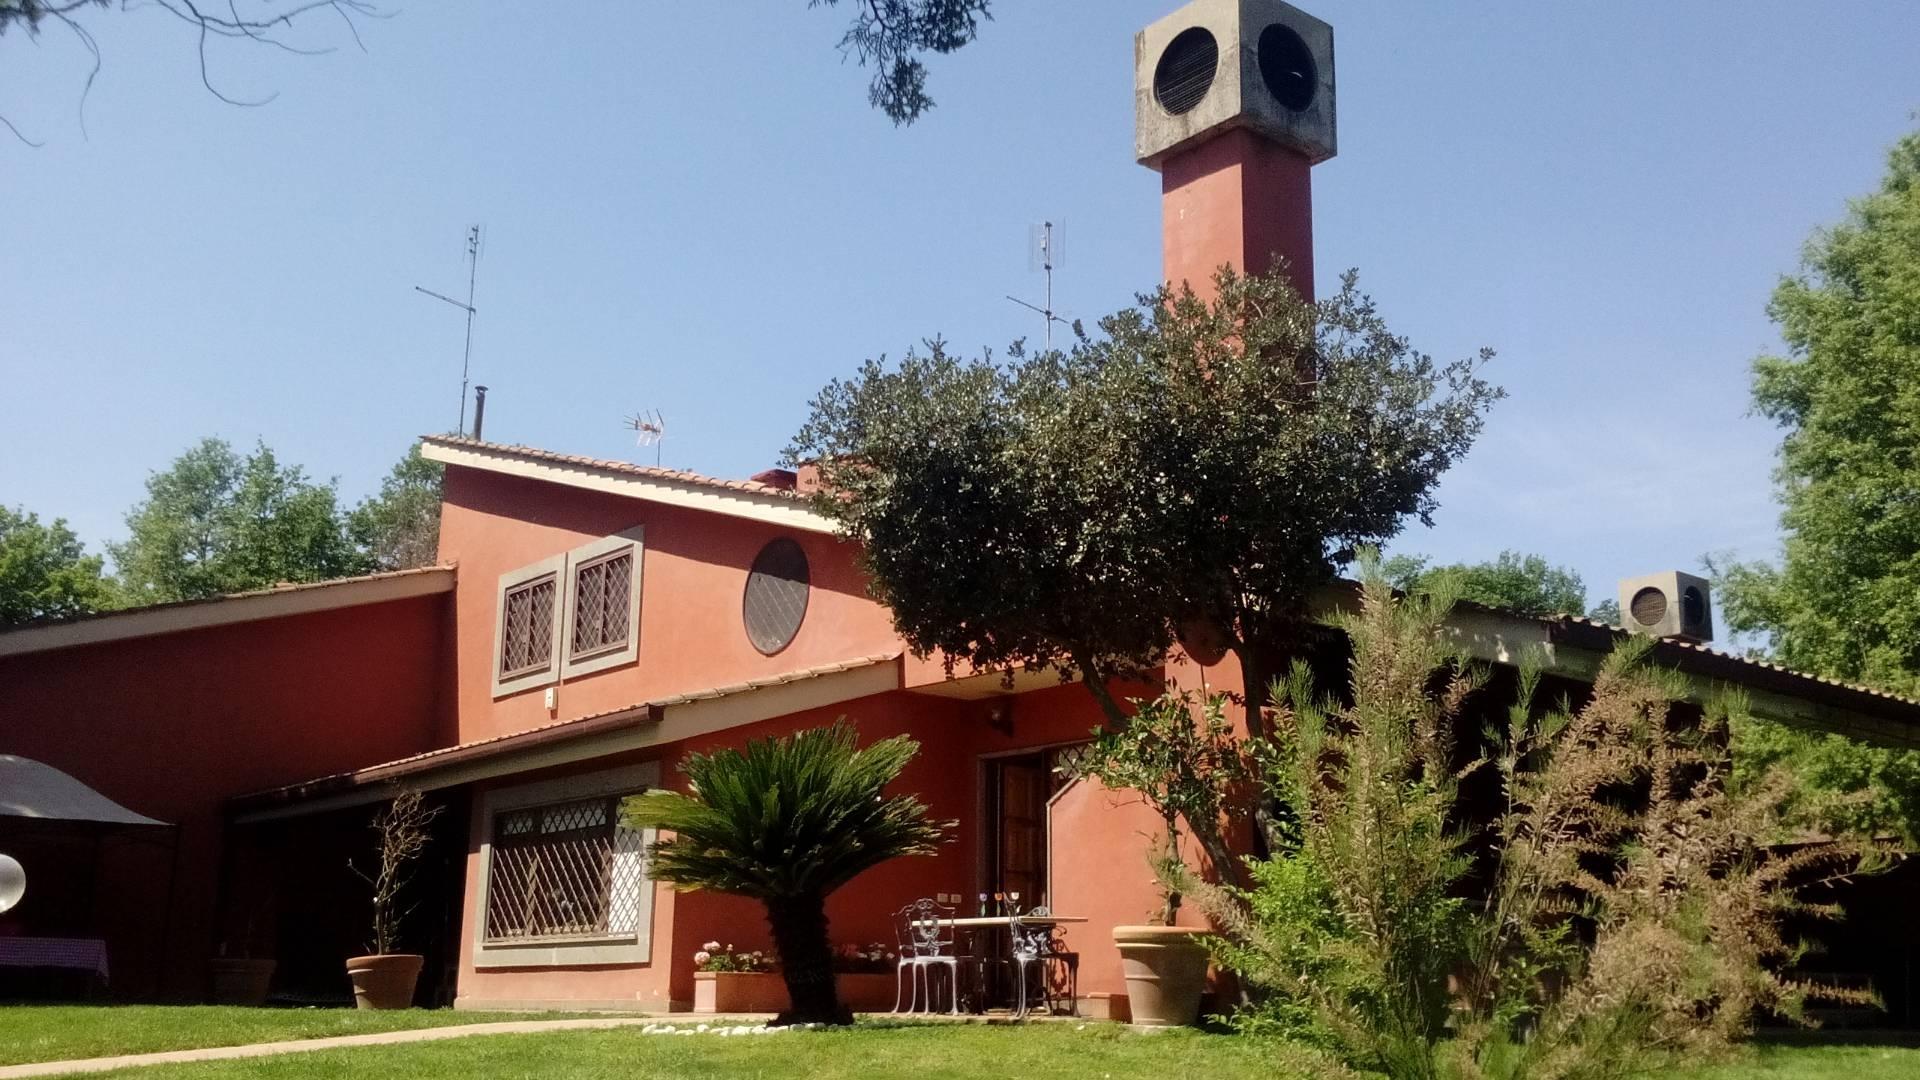 Villa in vendita a Roma, 6 locali, zona Zona: 42 . Cassia - Olgiata, prezzo € 790.000 | CambioCasa.it